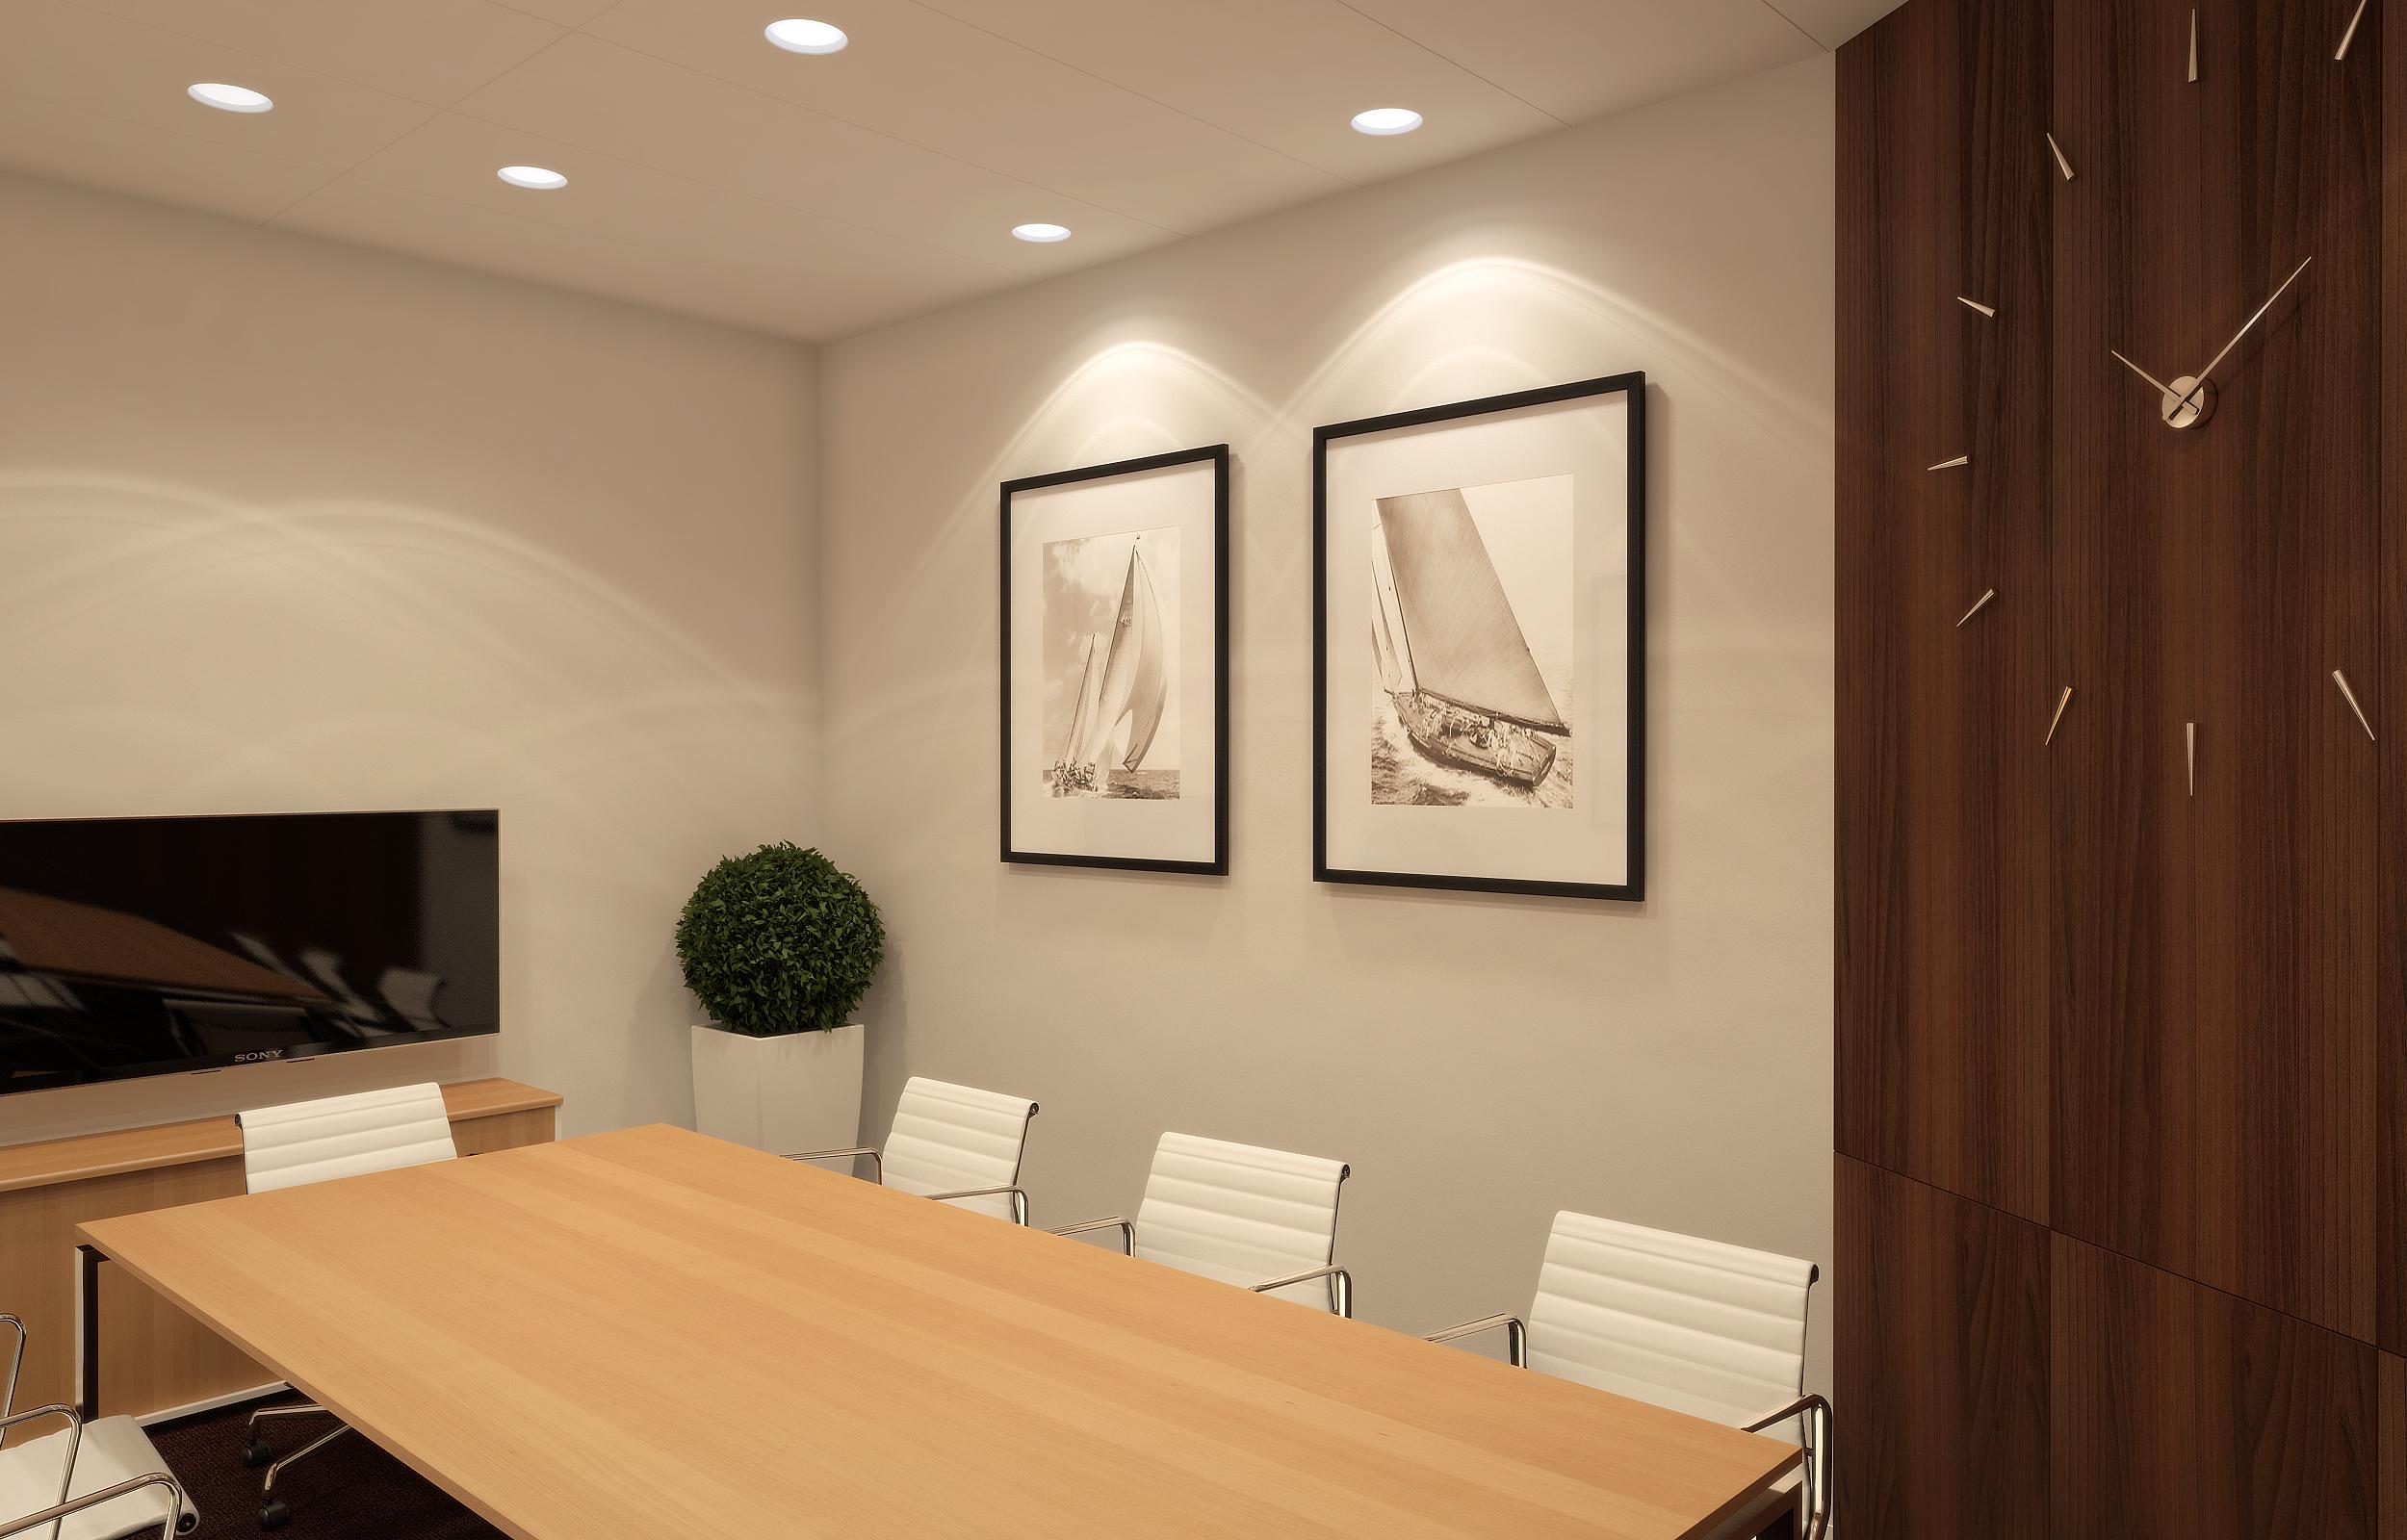 Meeting_room_03.jpg